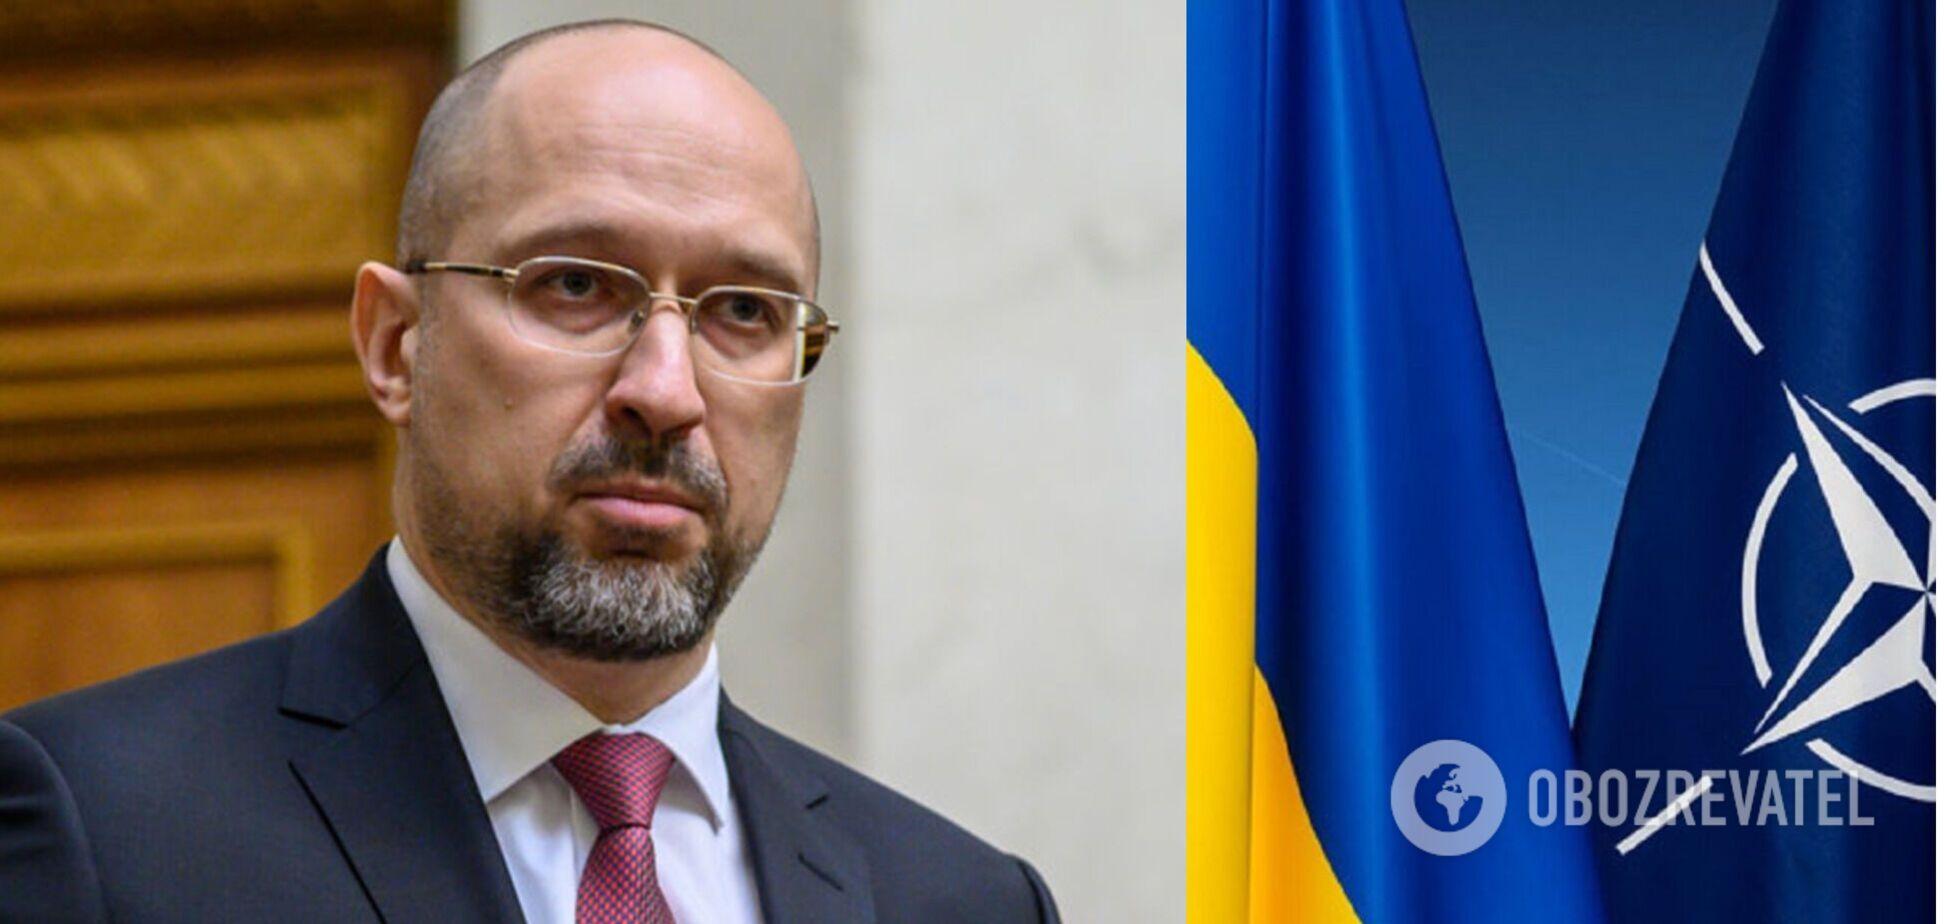 Шмыгаль рассказал, что Украина стала на шаг ближе к НАТО